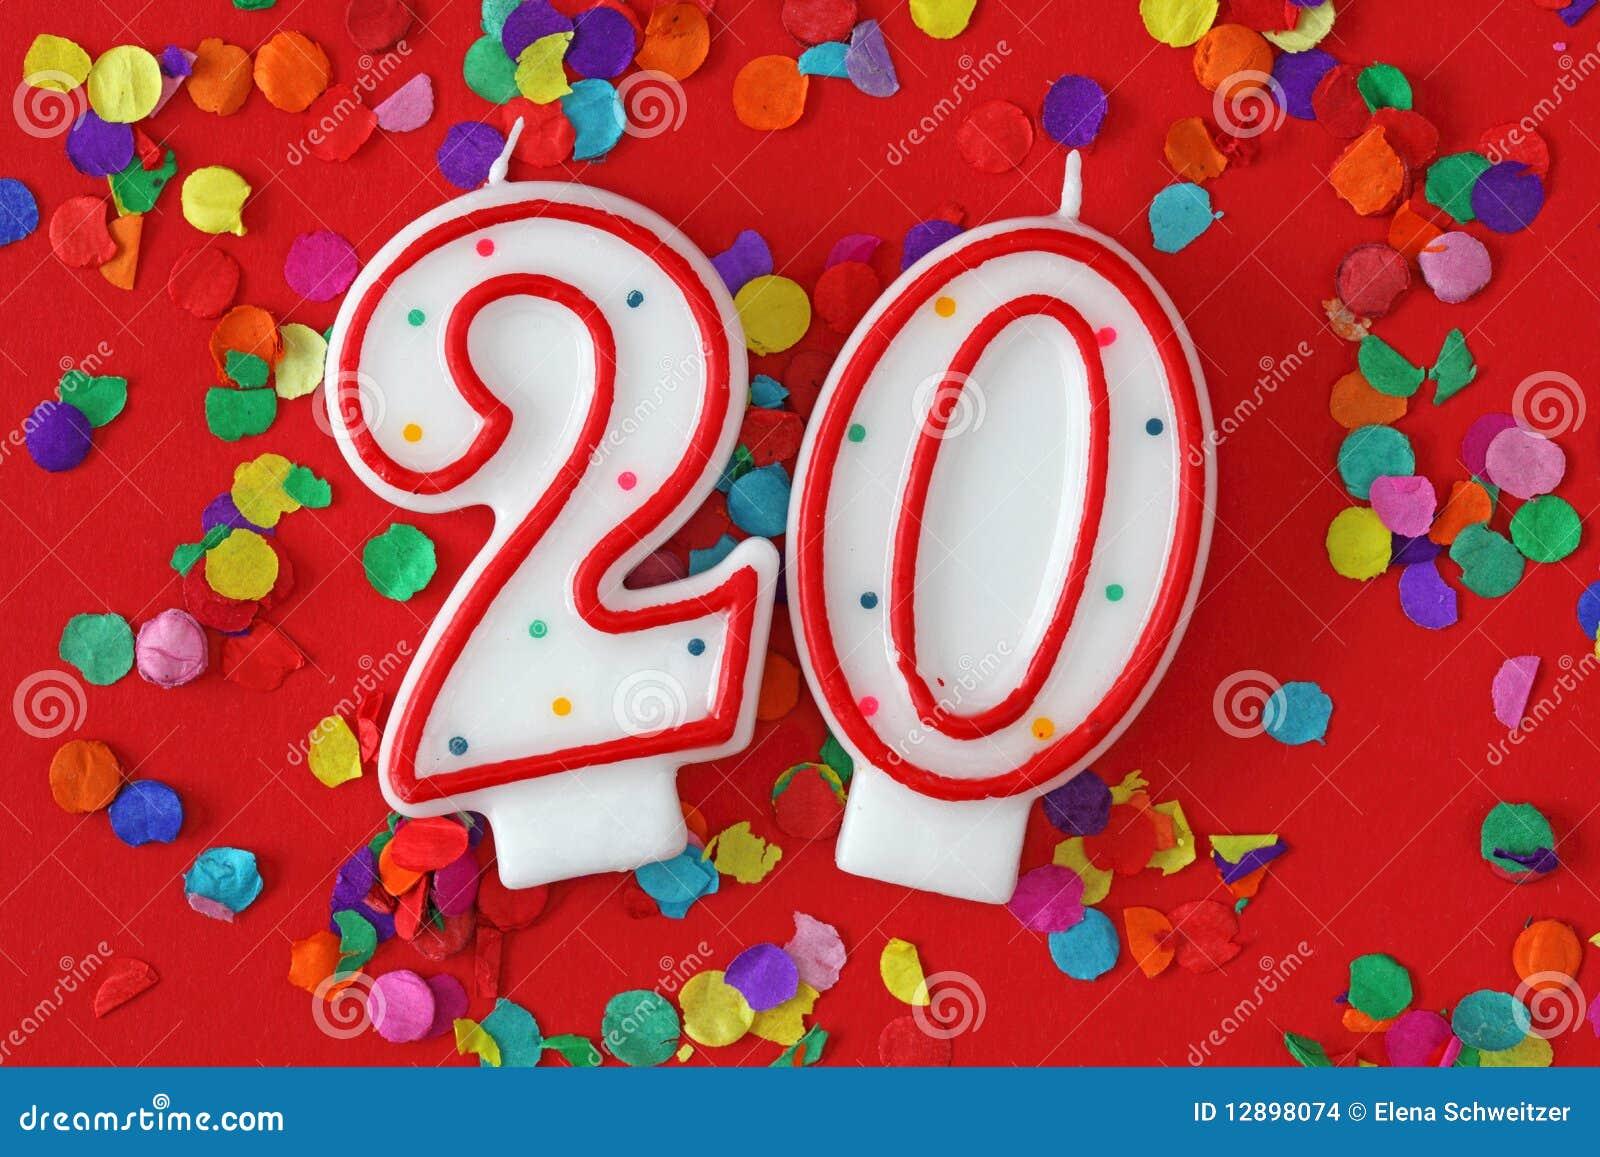 Número vela de veinte cumpleaños